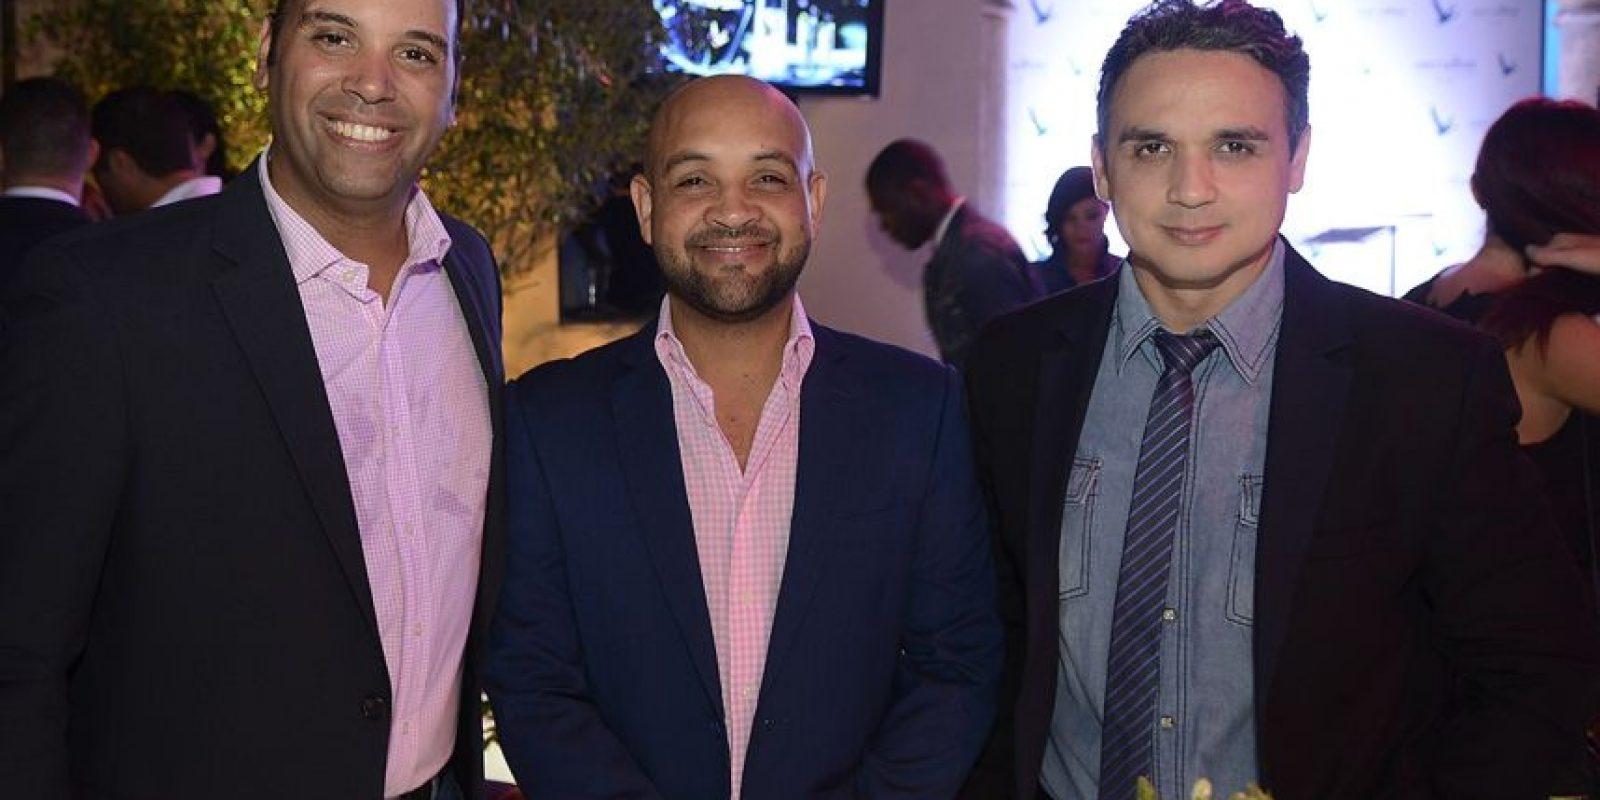 Alex Rojas, Juan Carlos Albelo y Cherny Reyes